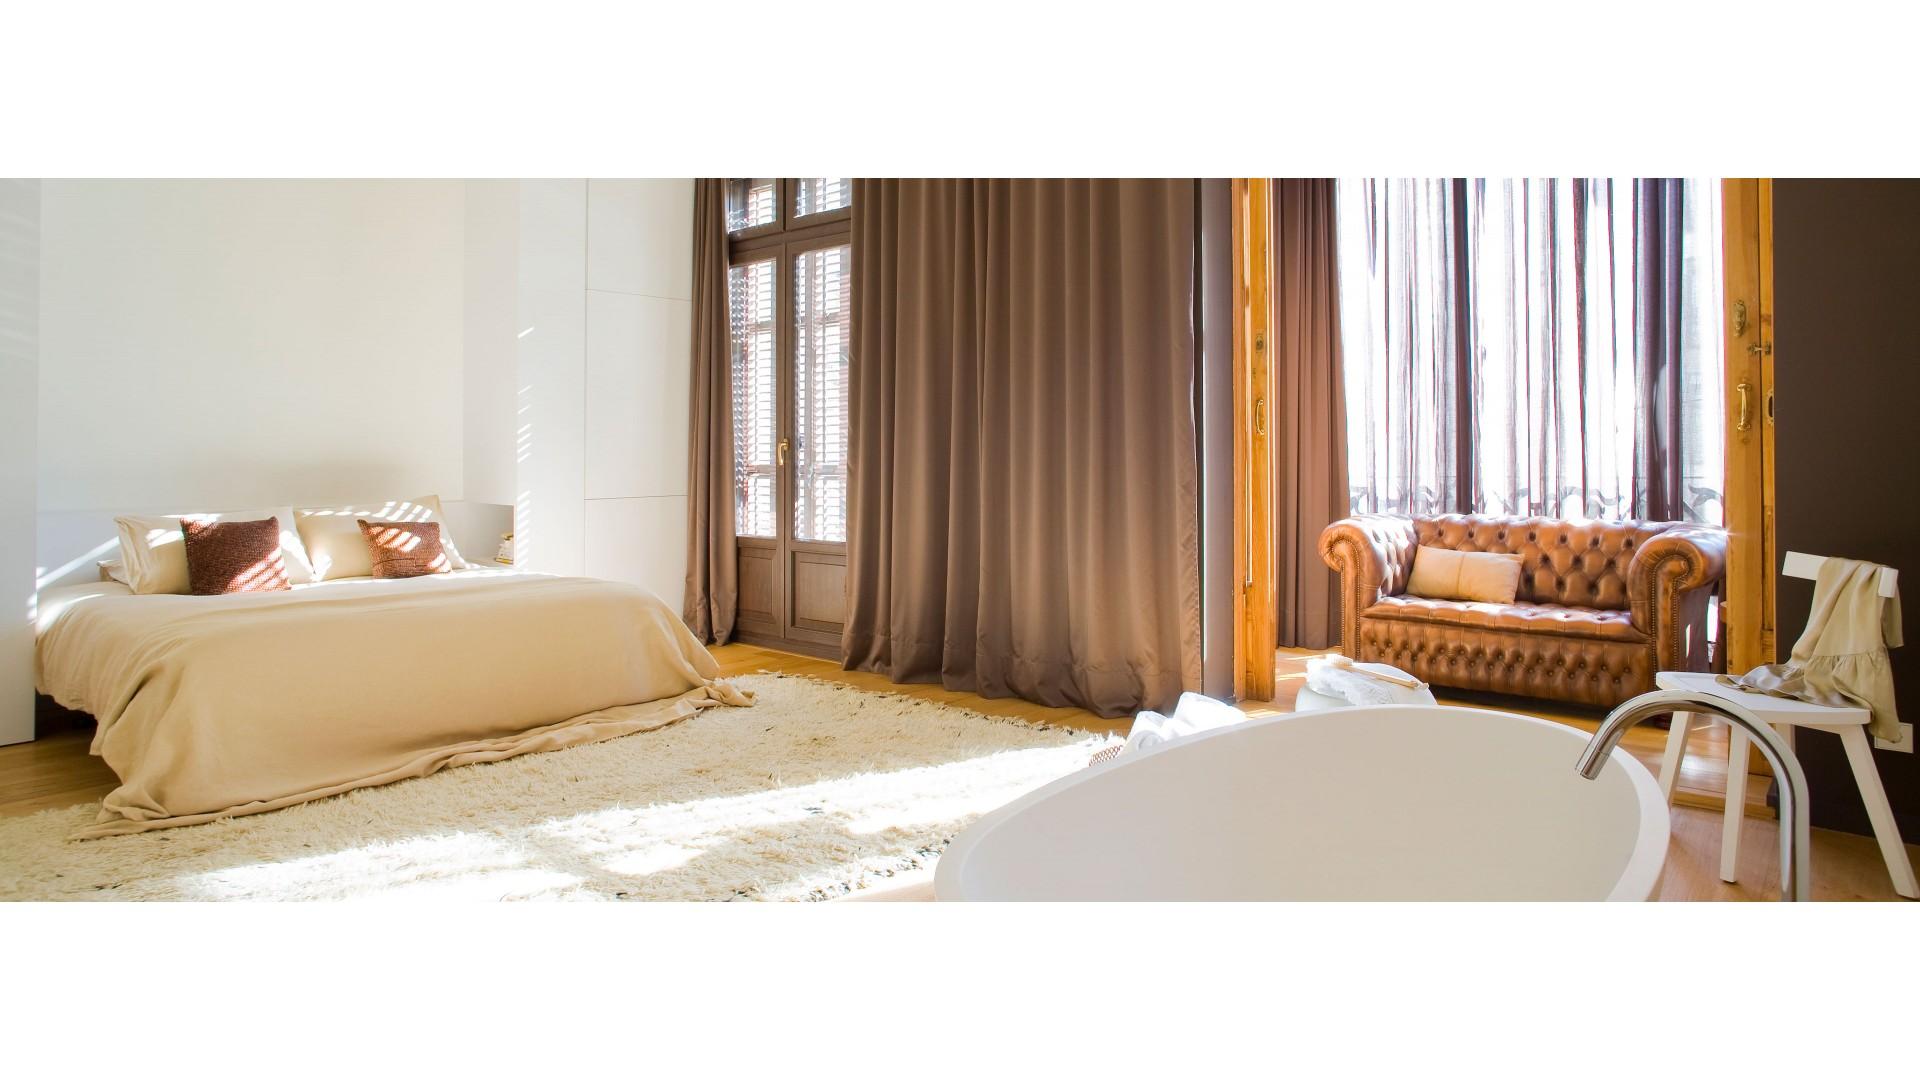 Rooms & Suites at DestinationBCN hotel Barri G²tic Barcelona